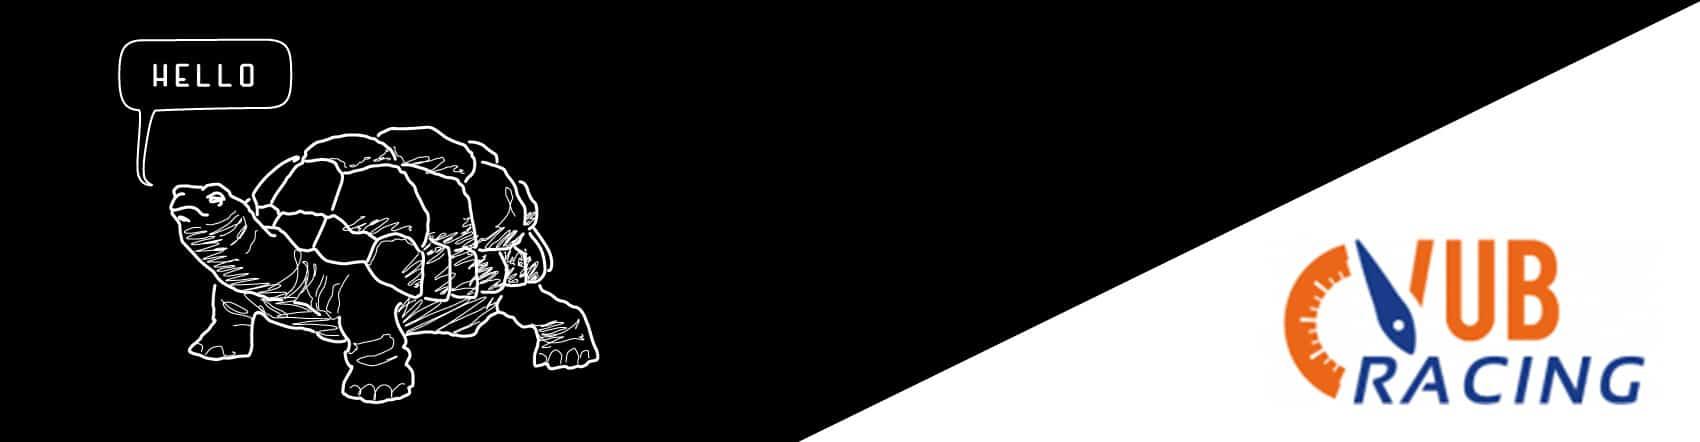 VUB-Racing-Blog-Banner